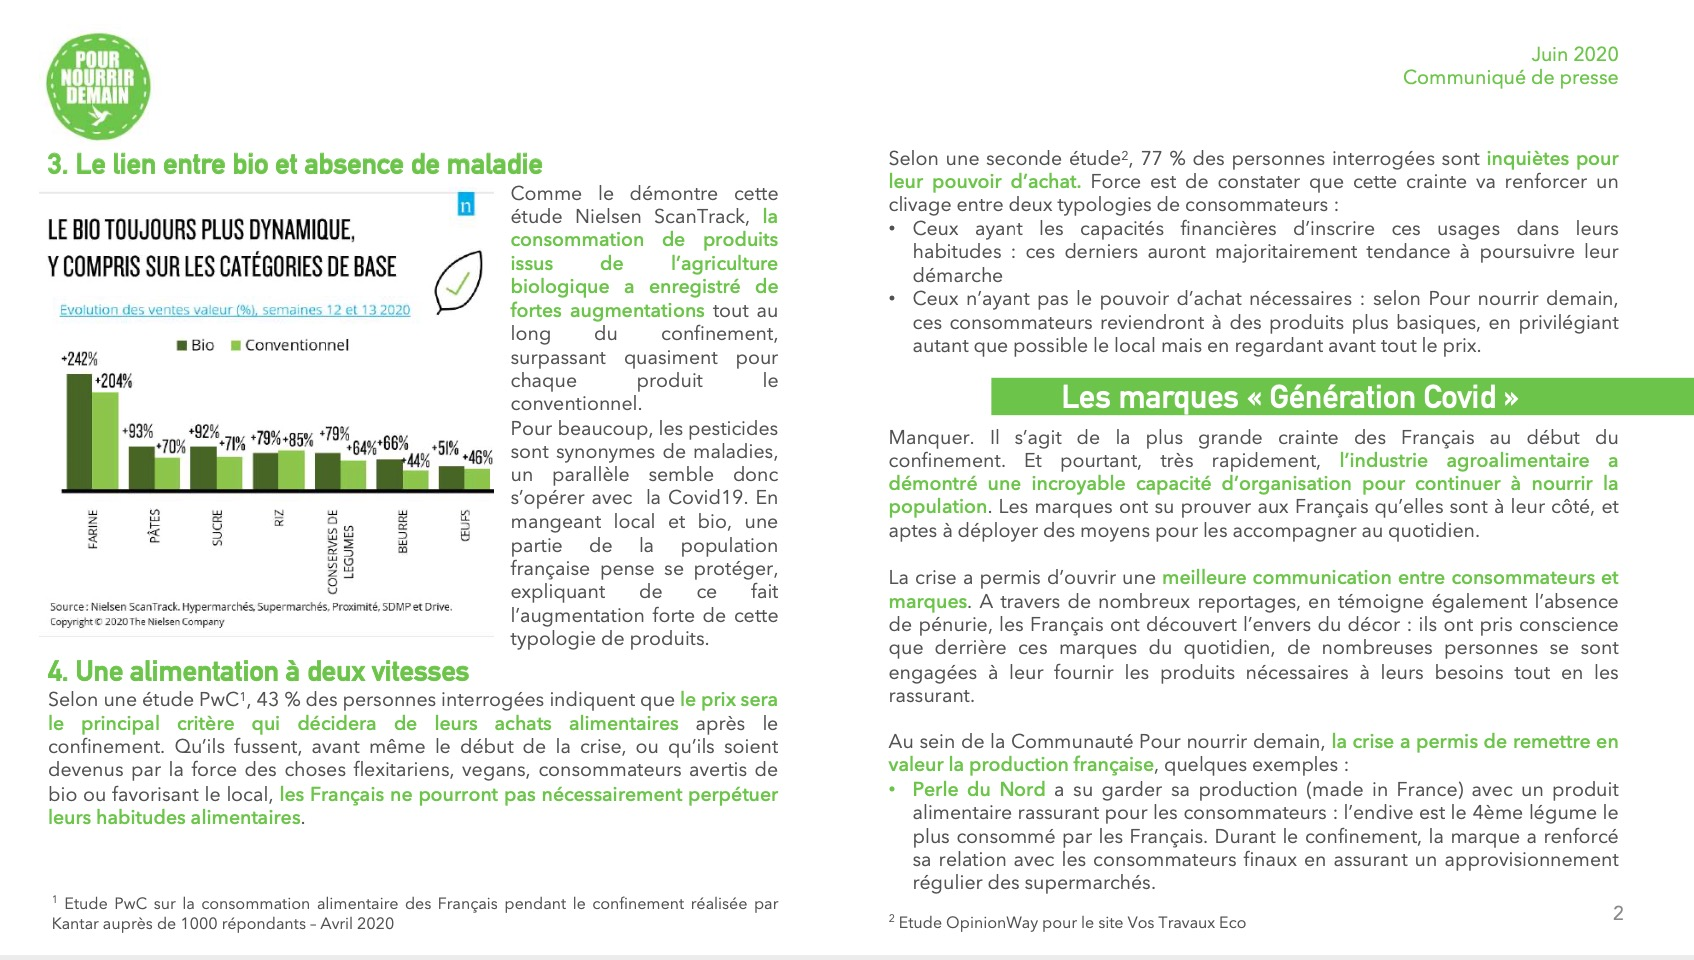 Capture d'écran 2020 06 02 à 11.19.46 - La Communauté Pour nourrir demain se penche sur la consommation des Français (Communiqué de presse)